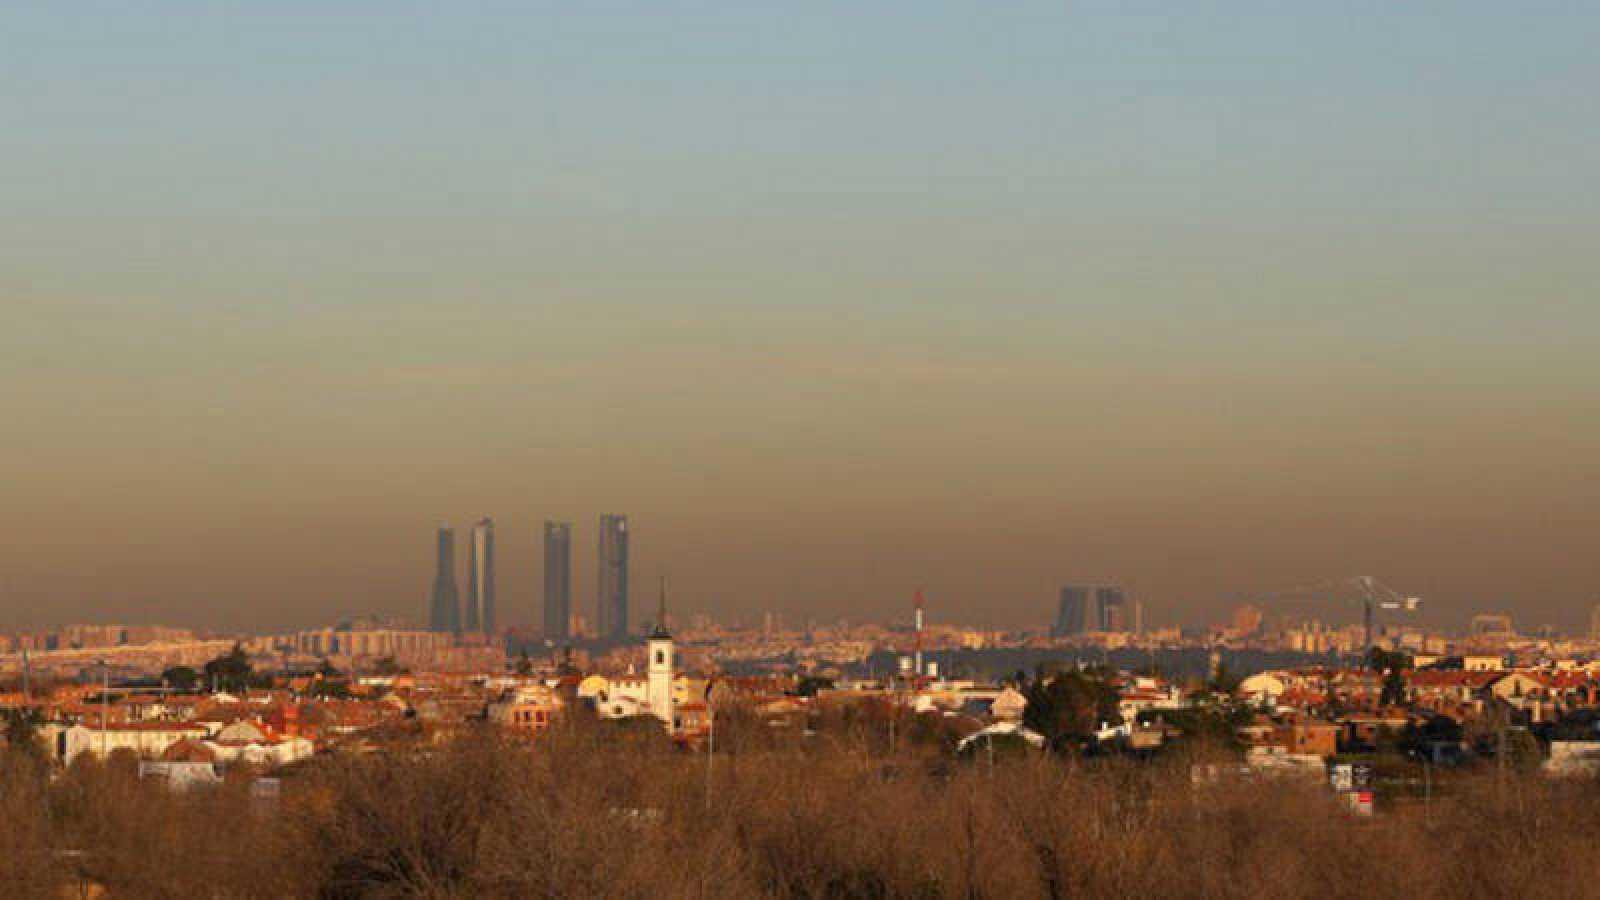 Perfil de la ciudad de Madrid con una nube de contaminación sobre sus edificios